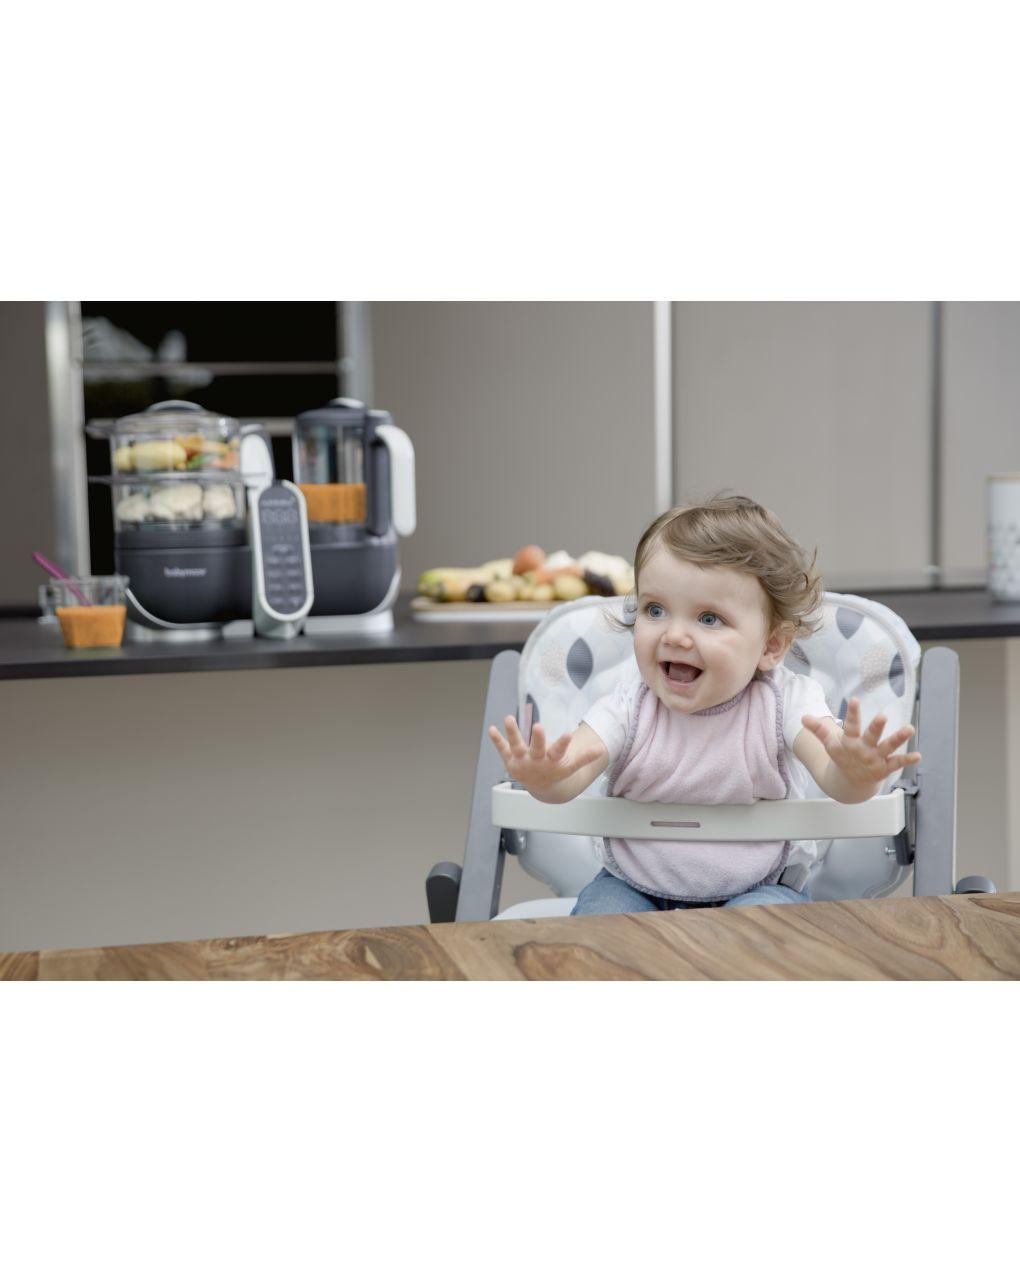 Bundle nutribaby(+) grigio + 3 babybols gratuite - Babymoov